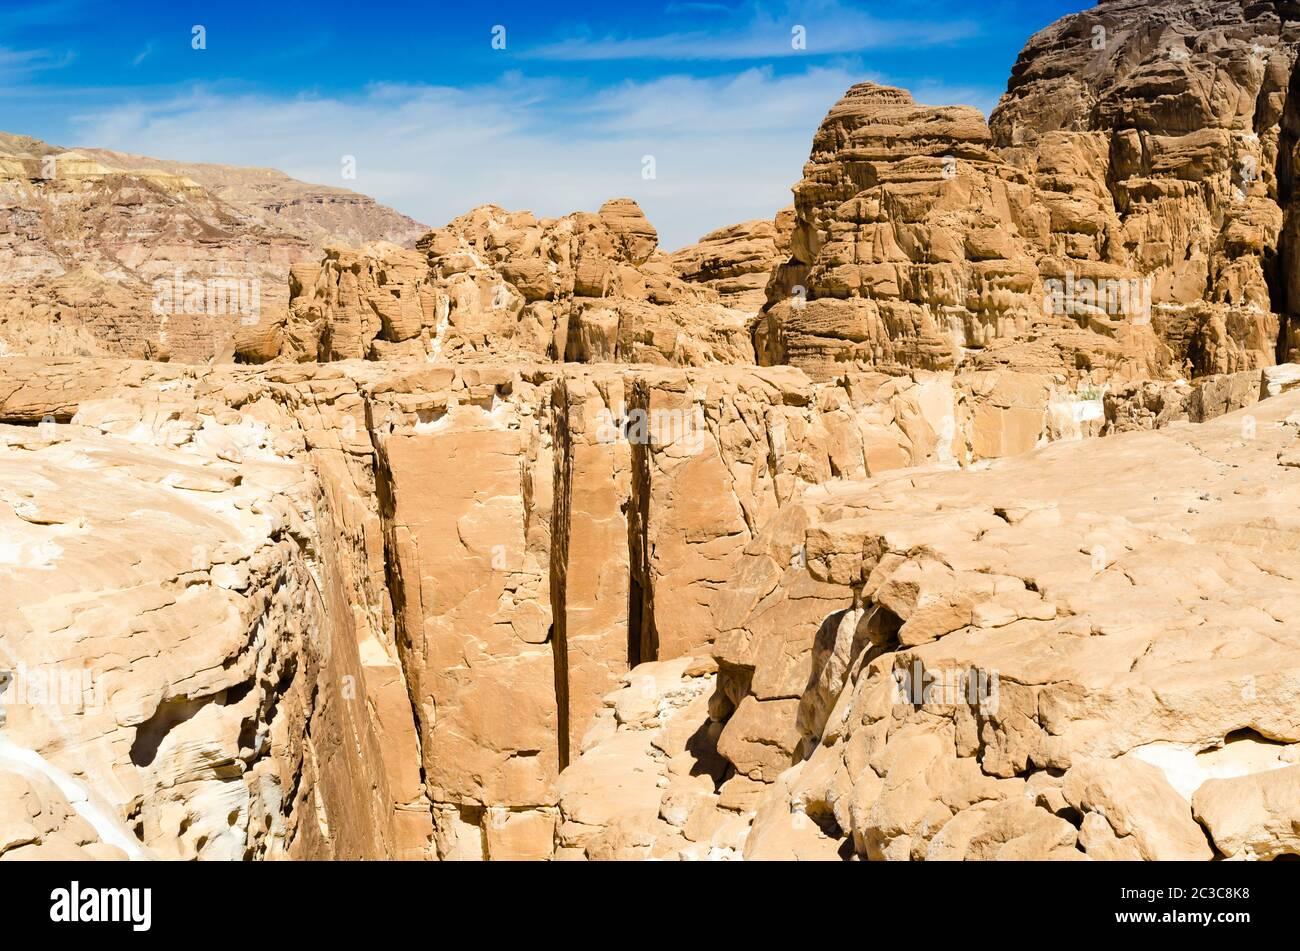 Altas montañas rocosas contra el cielo azul y las nubes blancas en el desierto En Egipto Dahab Sur Sinaí Foto de stock